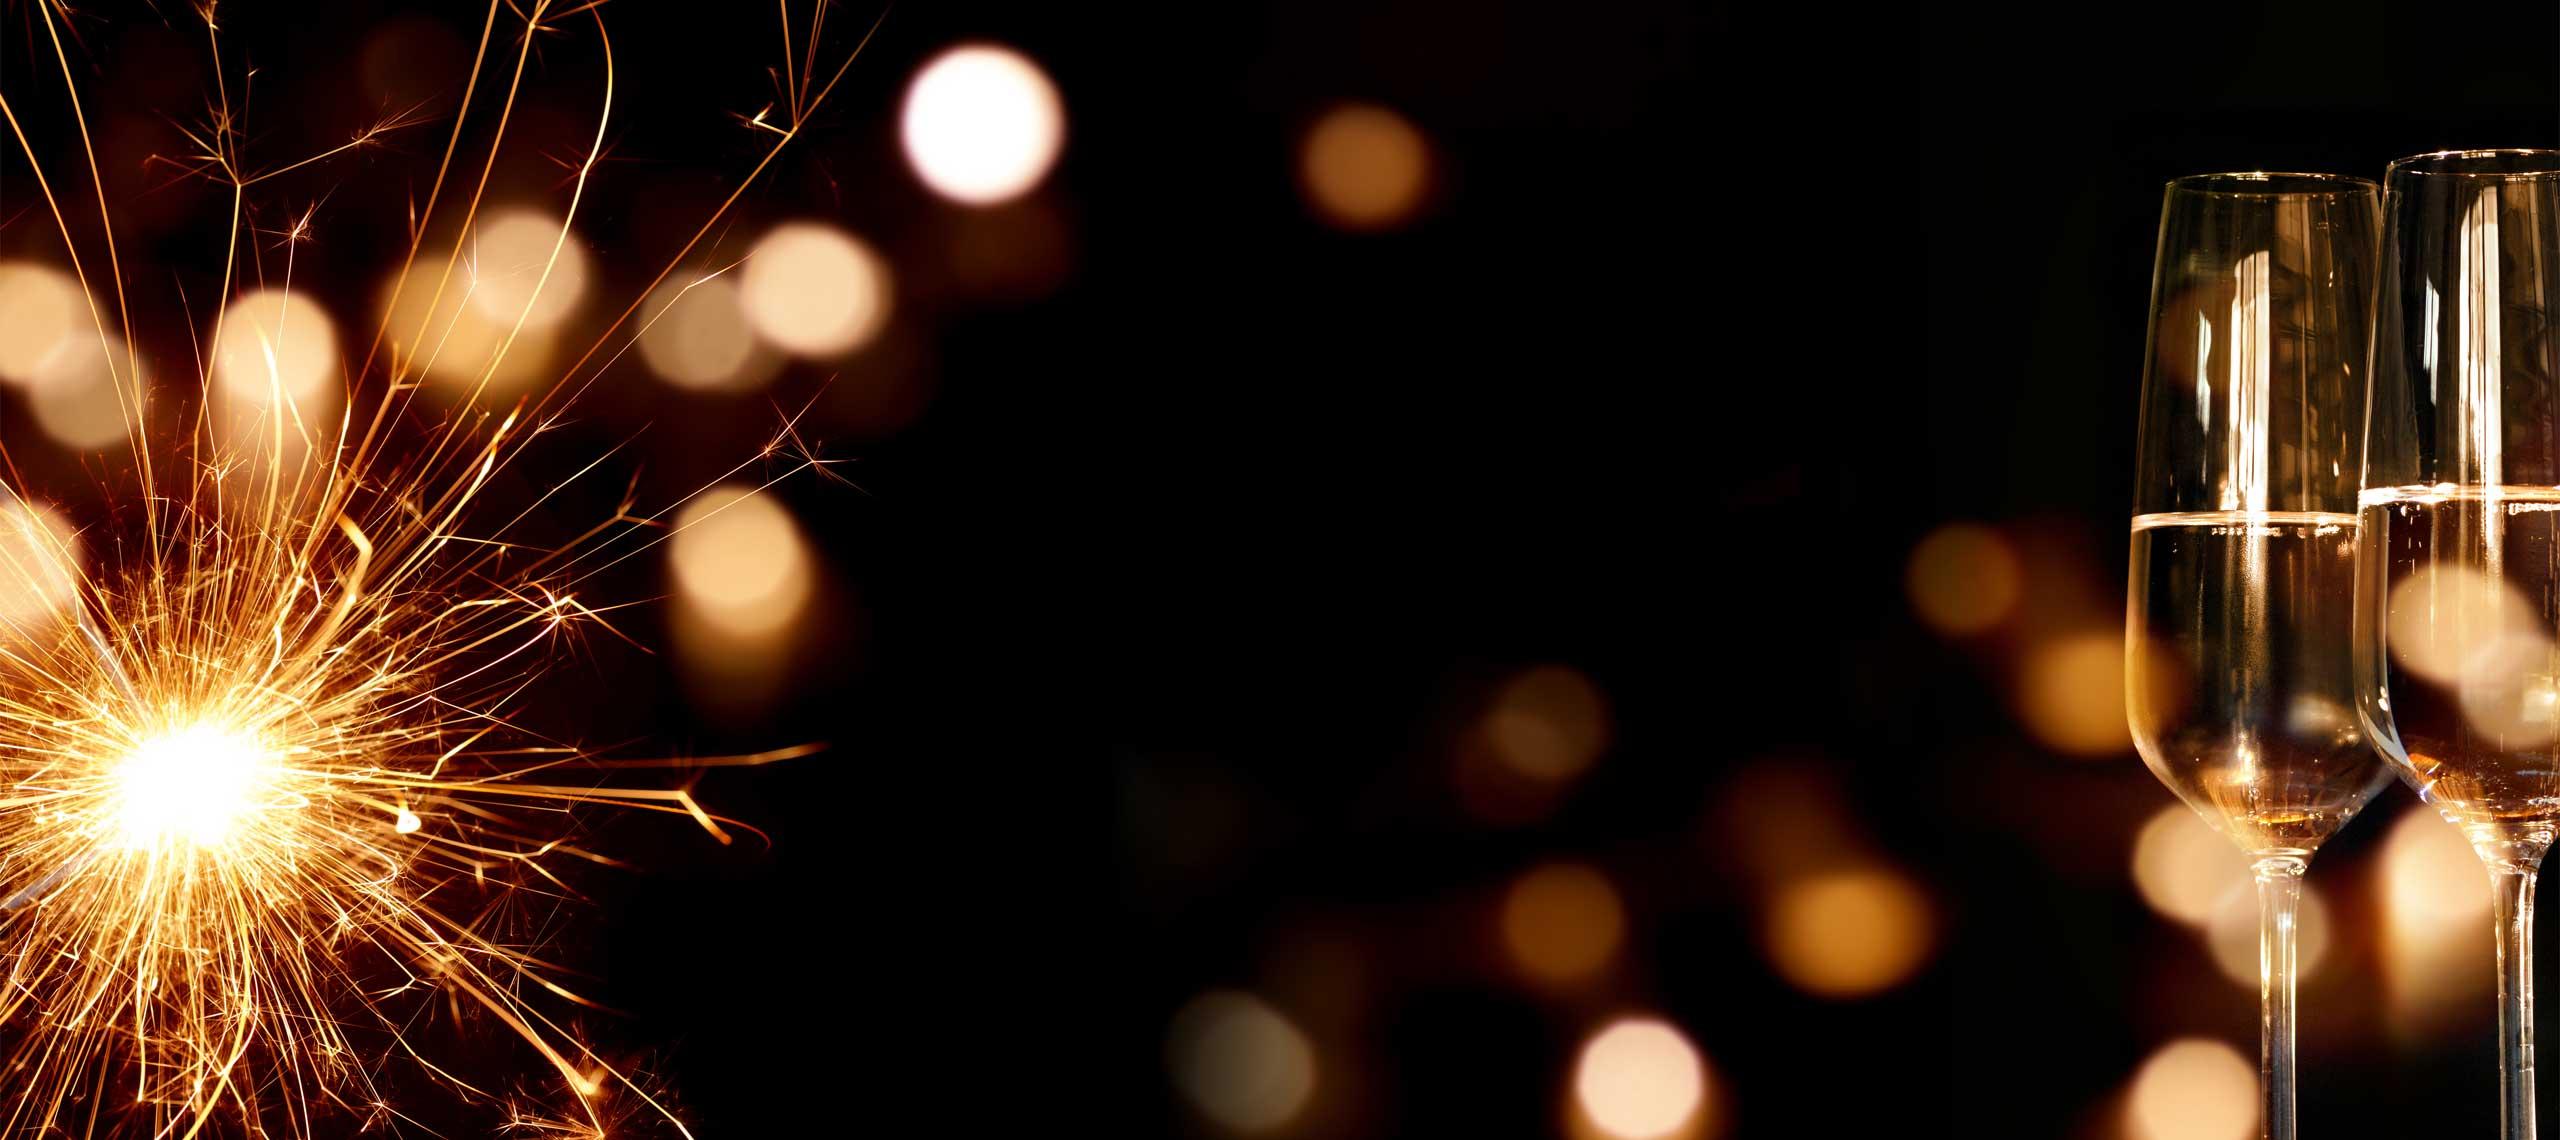 MD Projektmanagement wünscht frohe Feiertage und einen guten Start ins neue Jahr